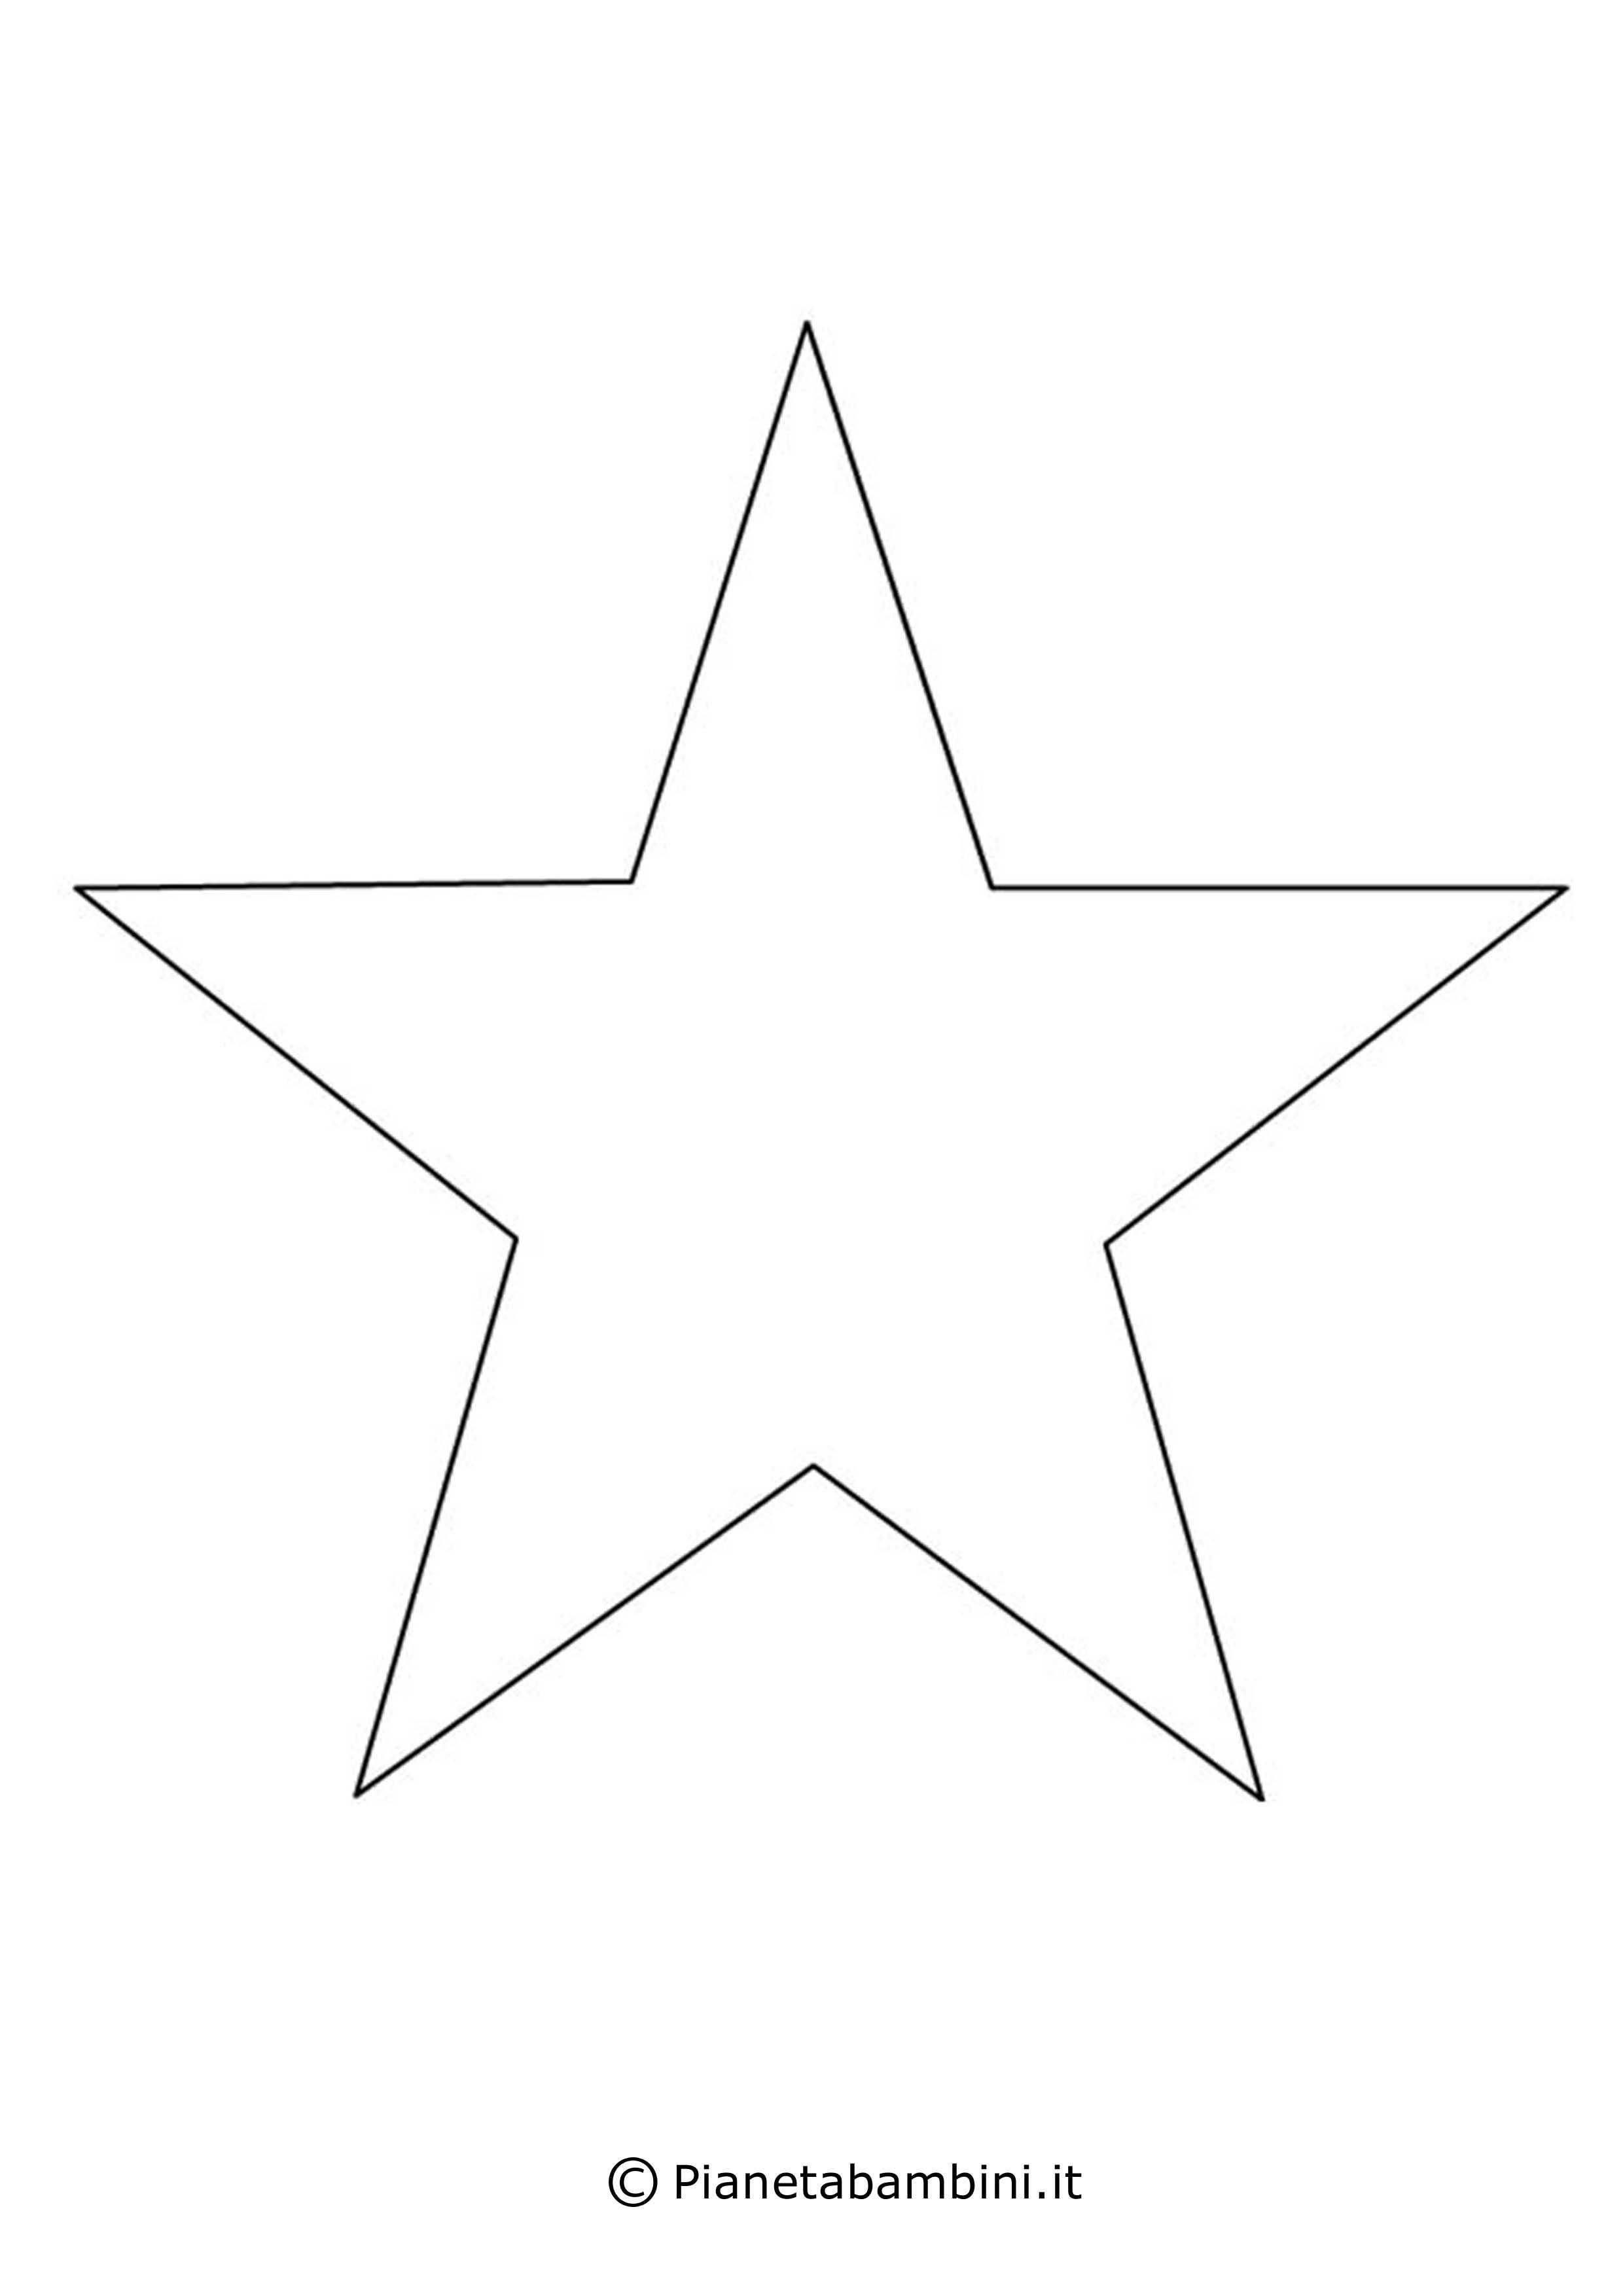 disegni di stelle da stampare, colorare e ritagliare ... - Disegno Stella Colorate